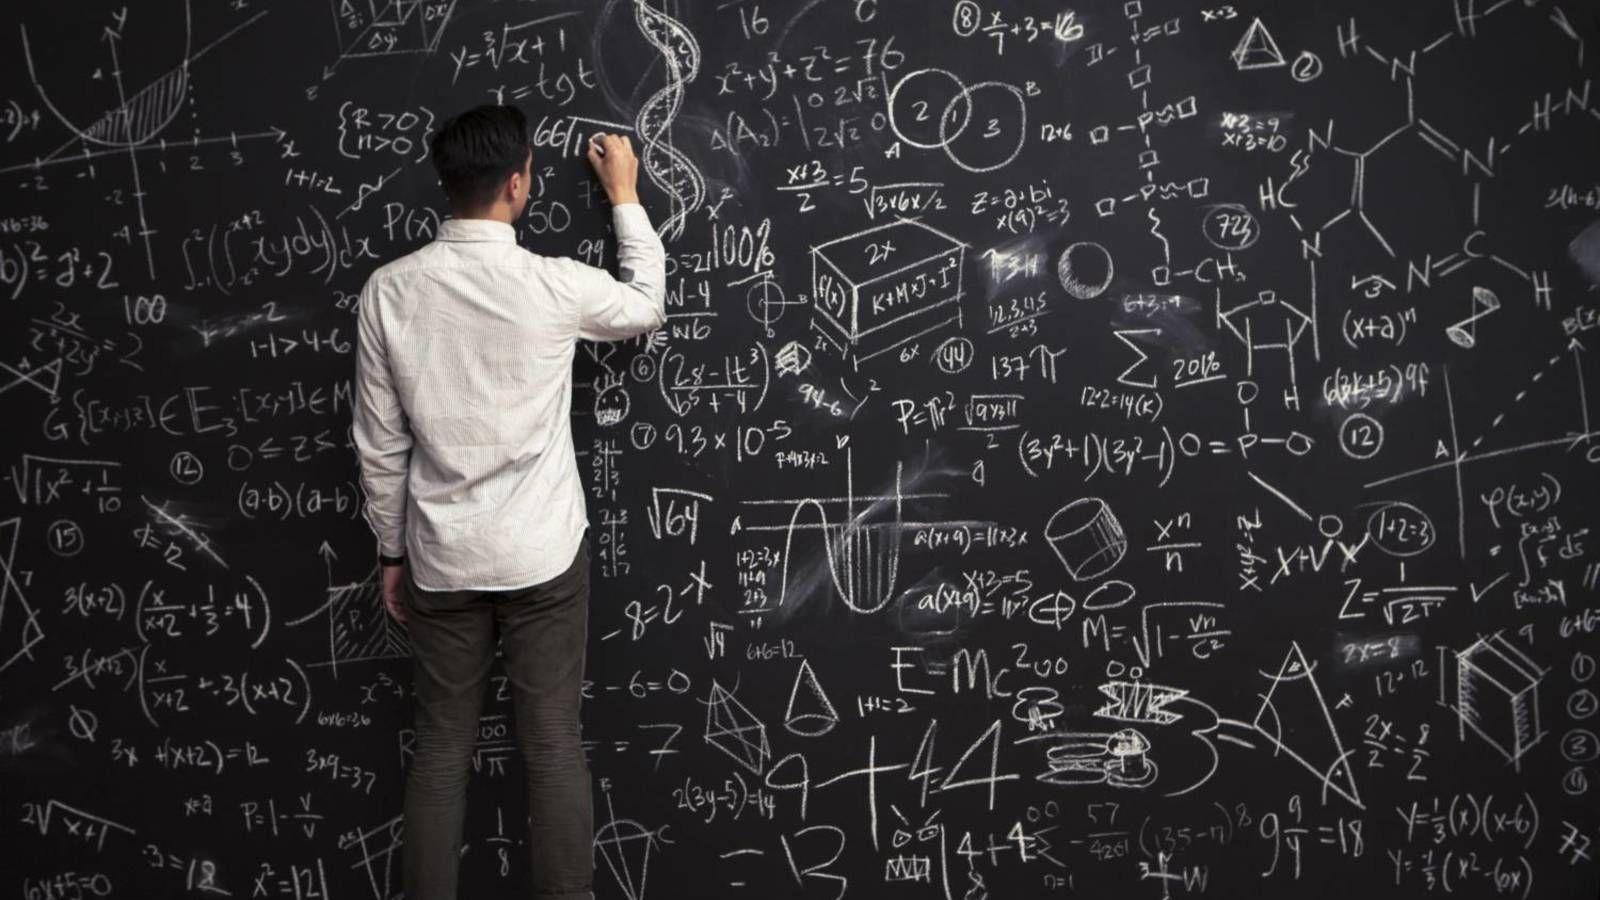 Cuatro problemas matemáticos que parecen sencillos pero nadie ha podido resolver http://ift.tt/2hHzpbQ